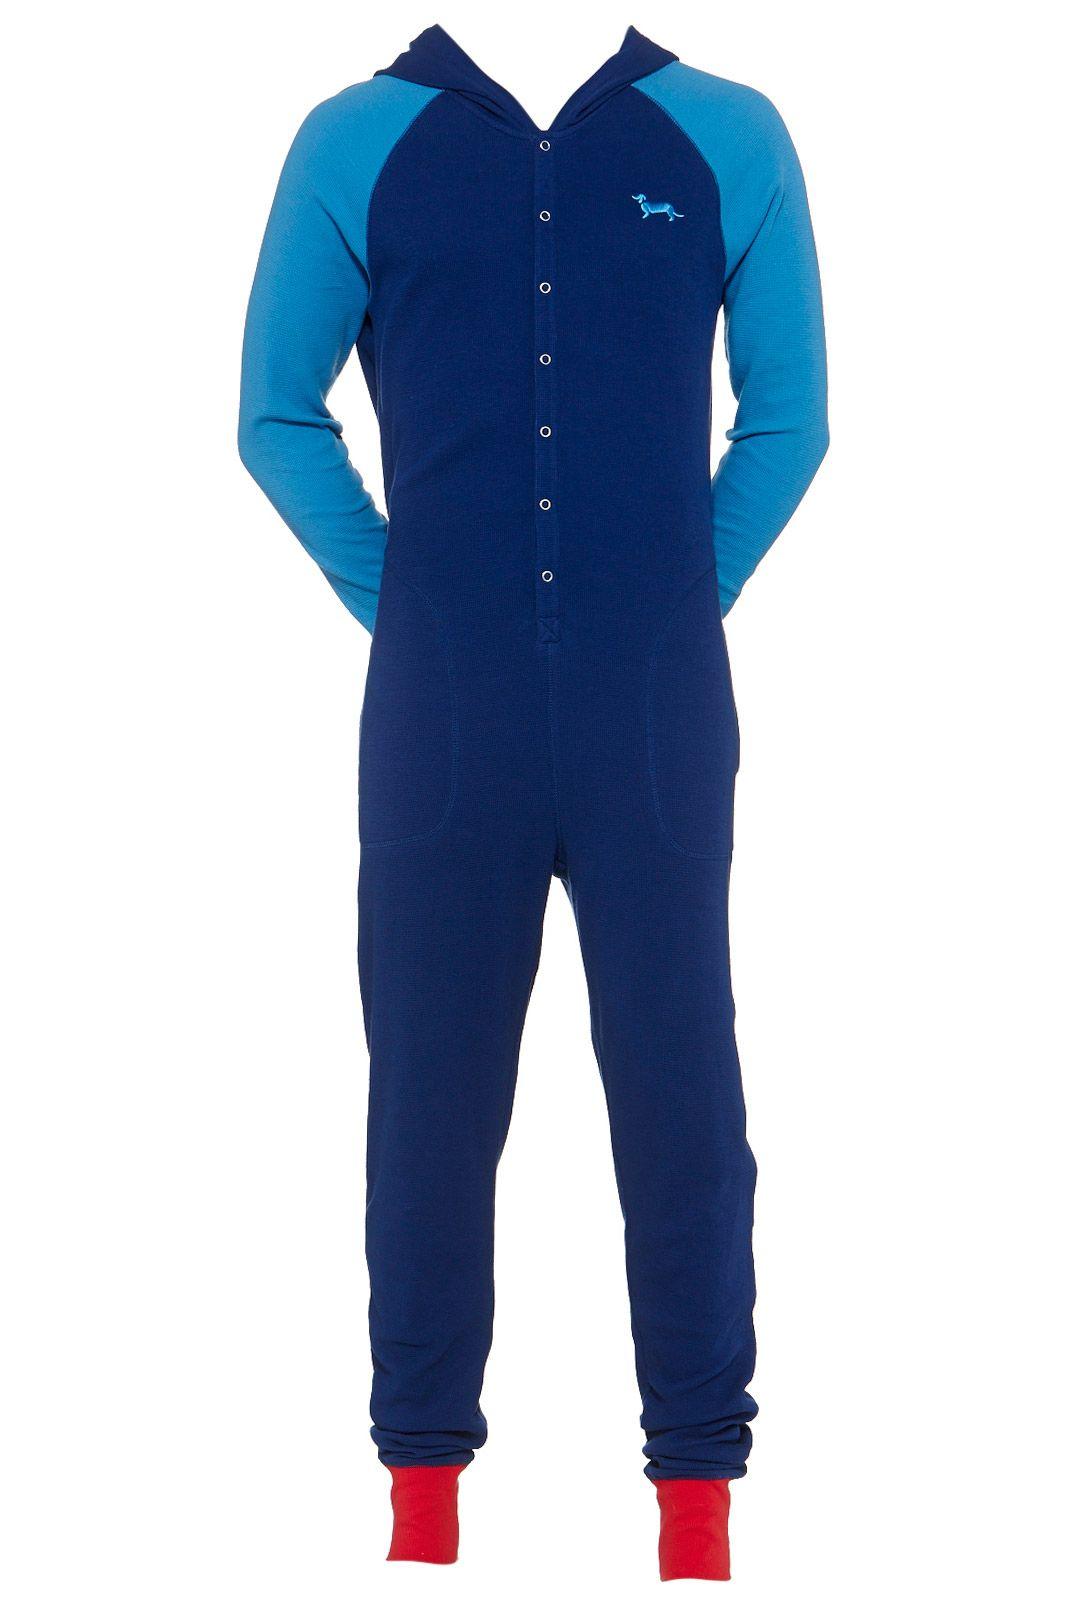 Mens Penny Hooded Onesie Peter Alexander Mens Onesie Men S Robes Mens Sleepwear [ 1600 x 1091 Pixel ]